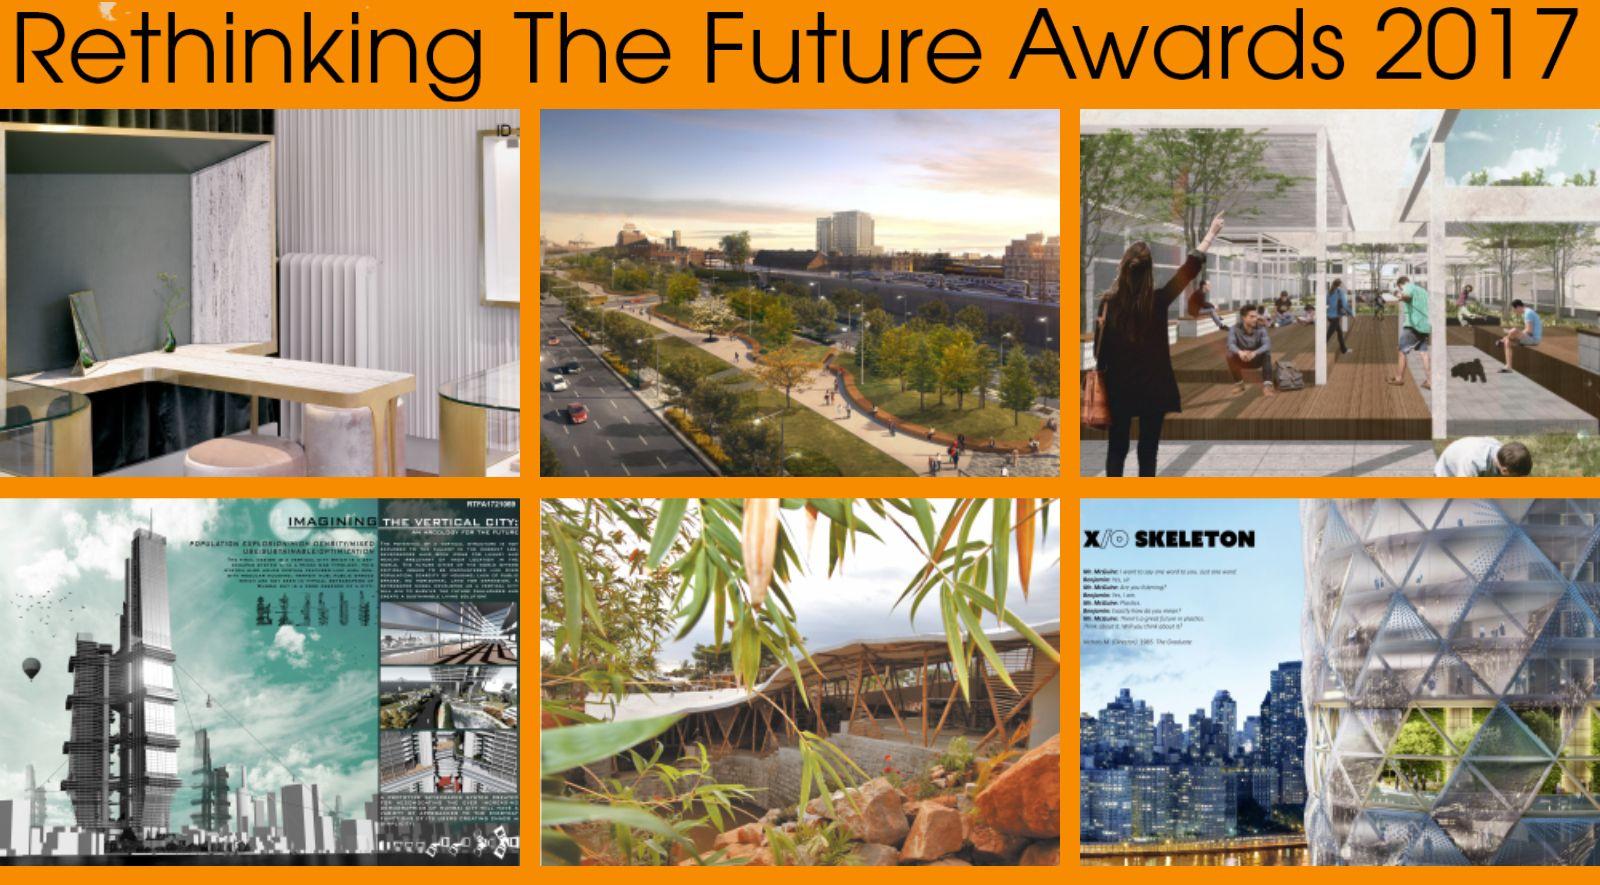 Rethinking The Future Awards 2017